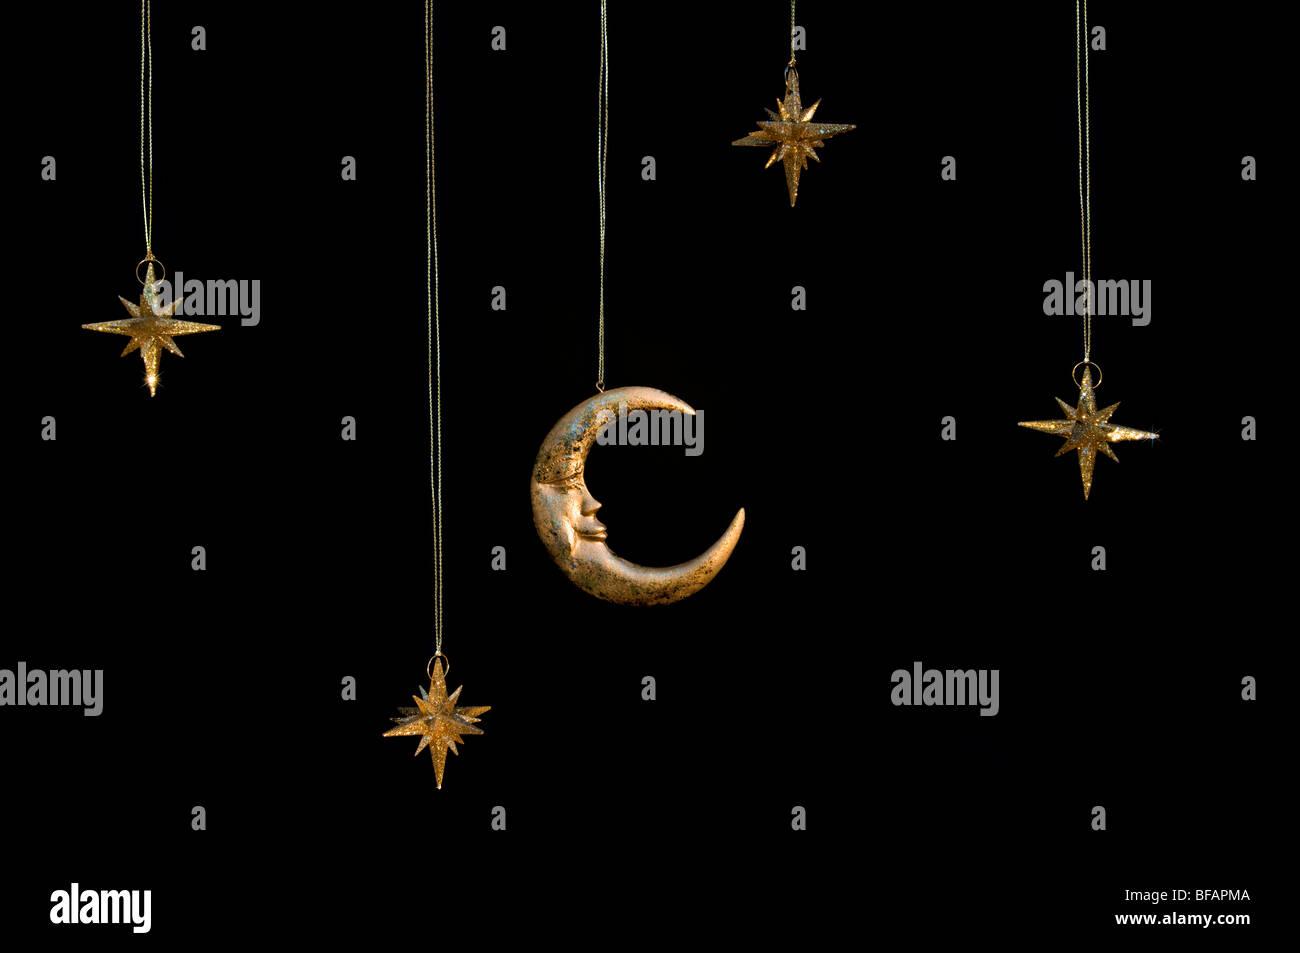 La lune et les étoiles brillantes d'or brillant accroché les décorations de Noël sur un fond noir Banque D'Images